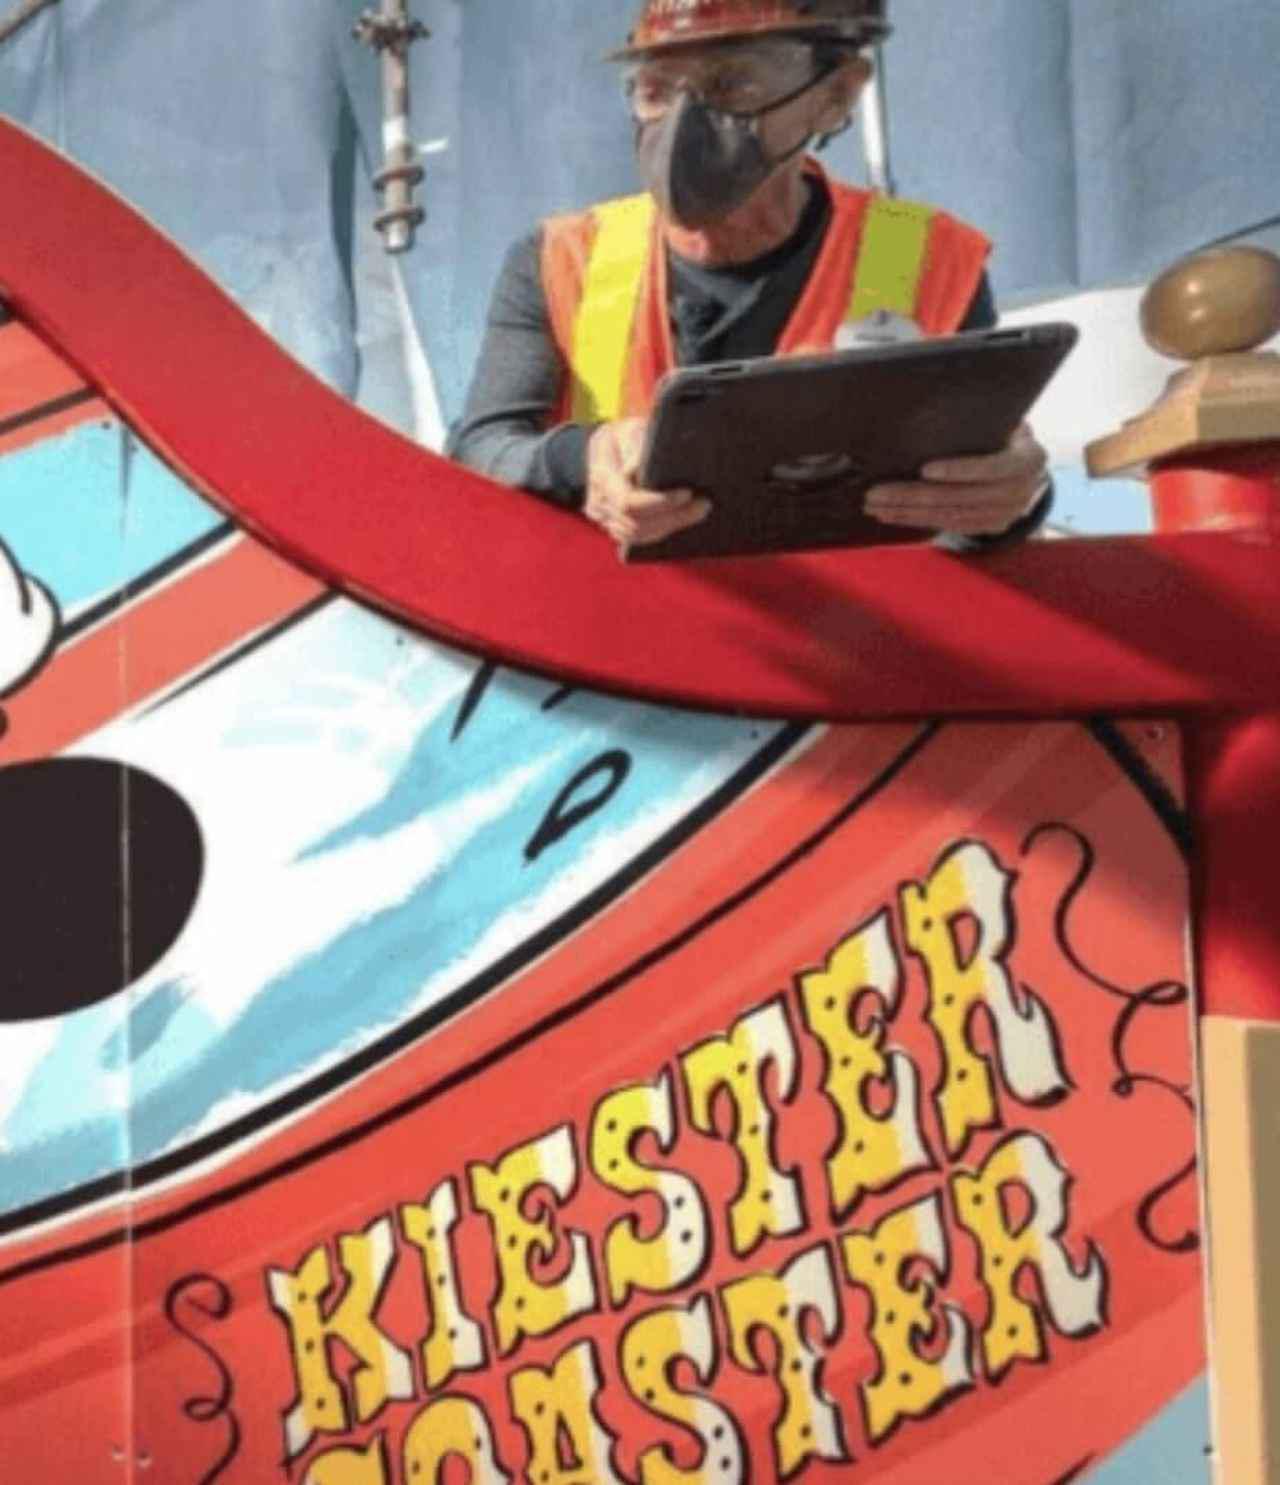 画像: 正しくは「Keister」だが、「K ie ster」になってしまっている。